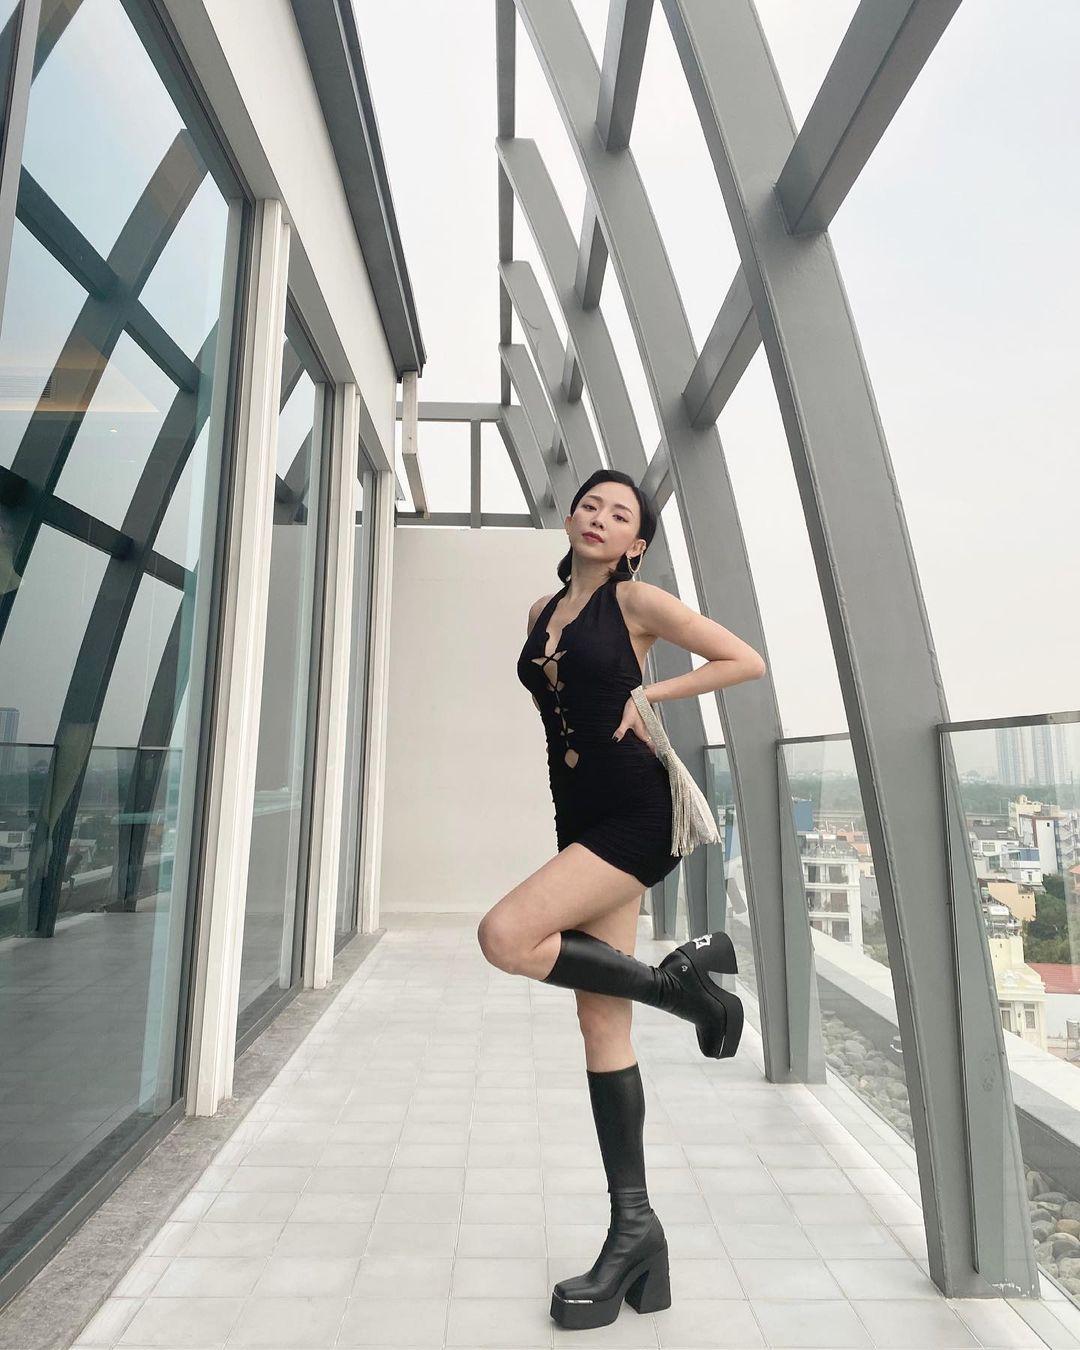 Do tính chất công việc, Tóc Tiên cũng như hầu hết các sao nữ thường vũ đạo, trình diễn với giày cao gót trong nhiều giờ.